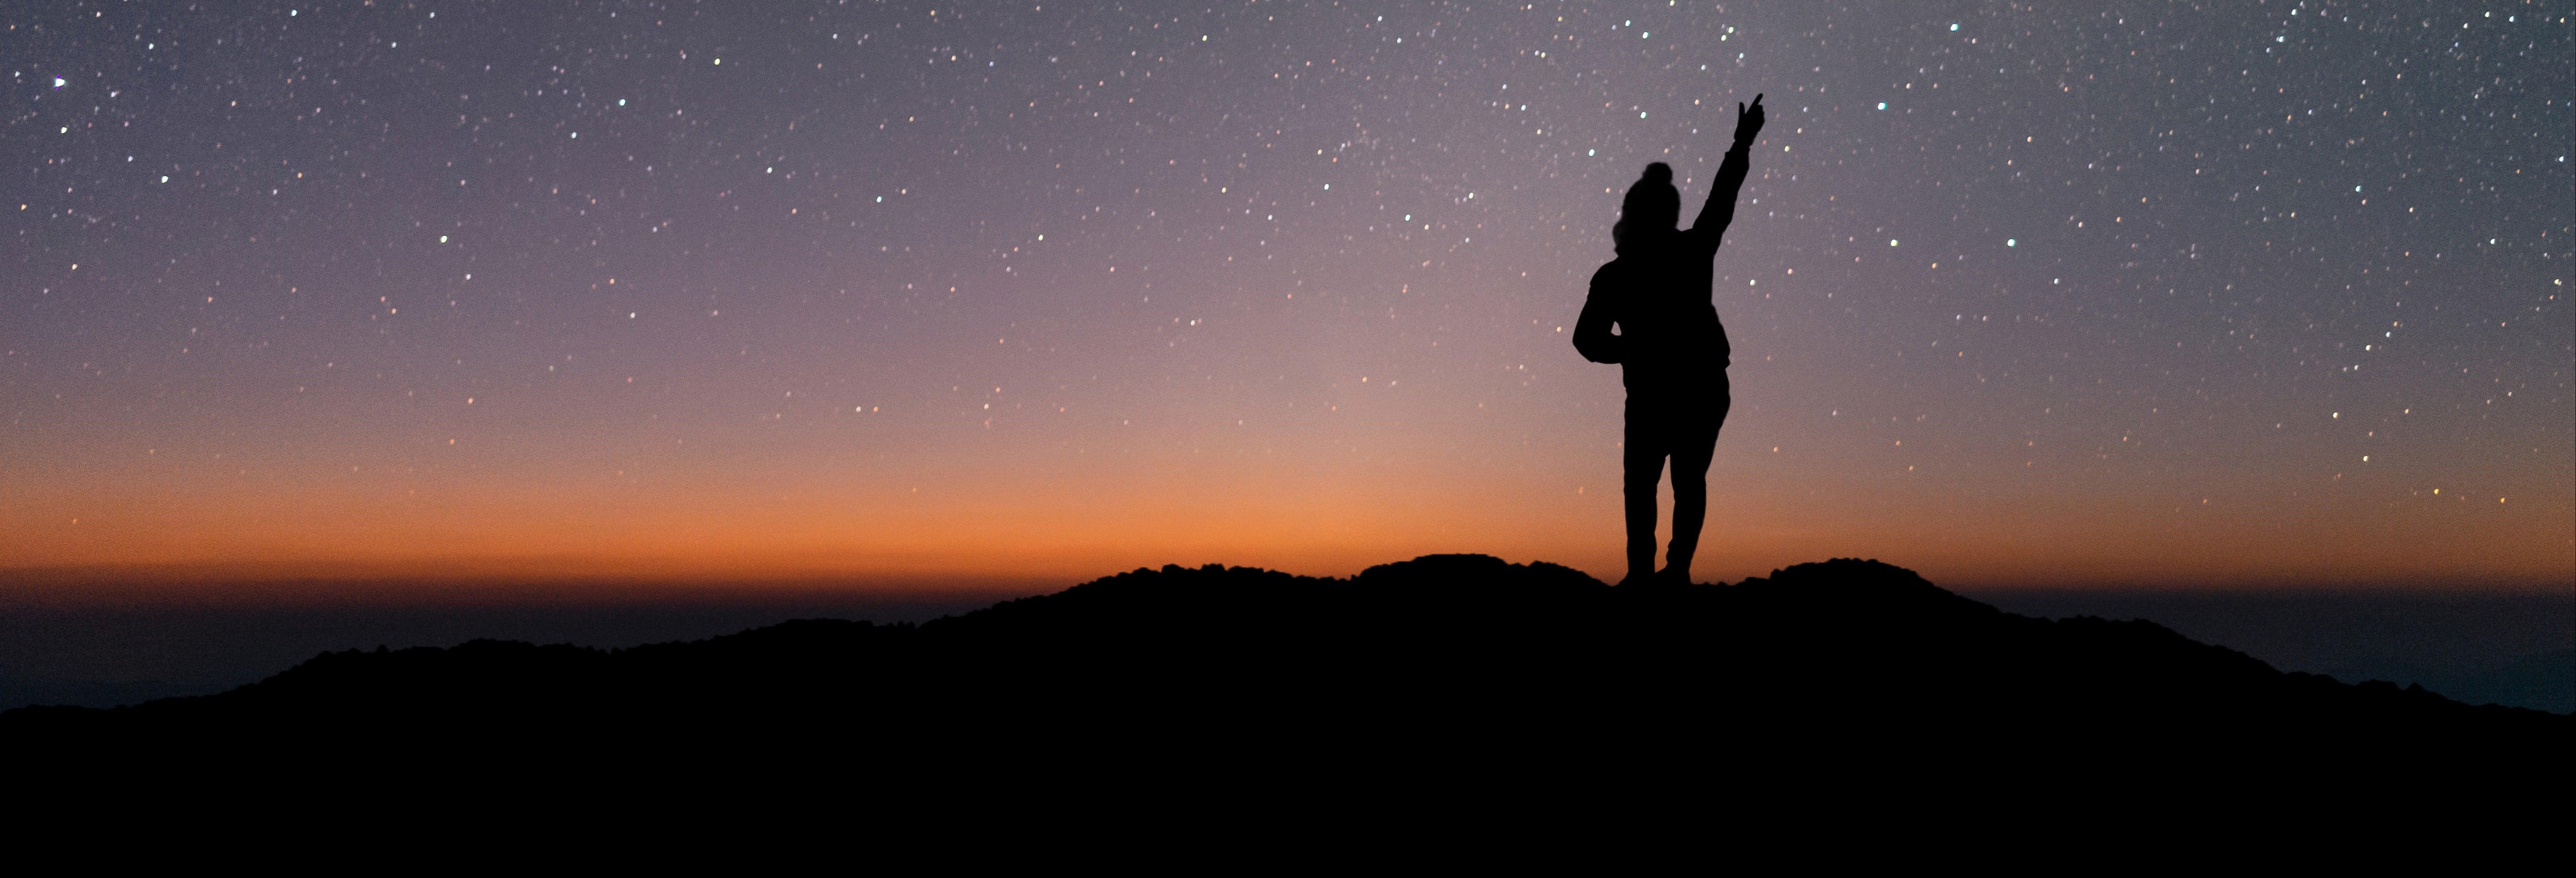 Trekking nocturno por el cerro La Banderita